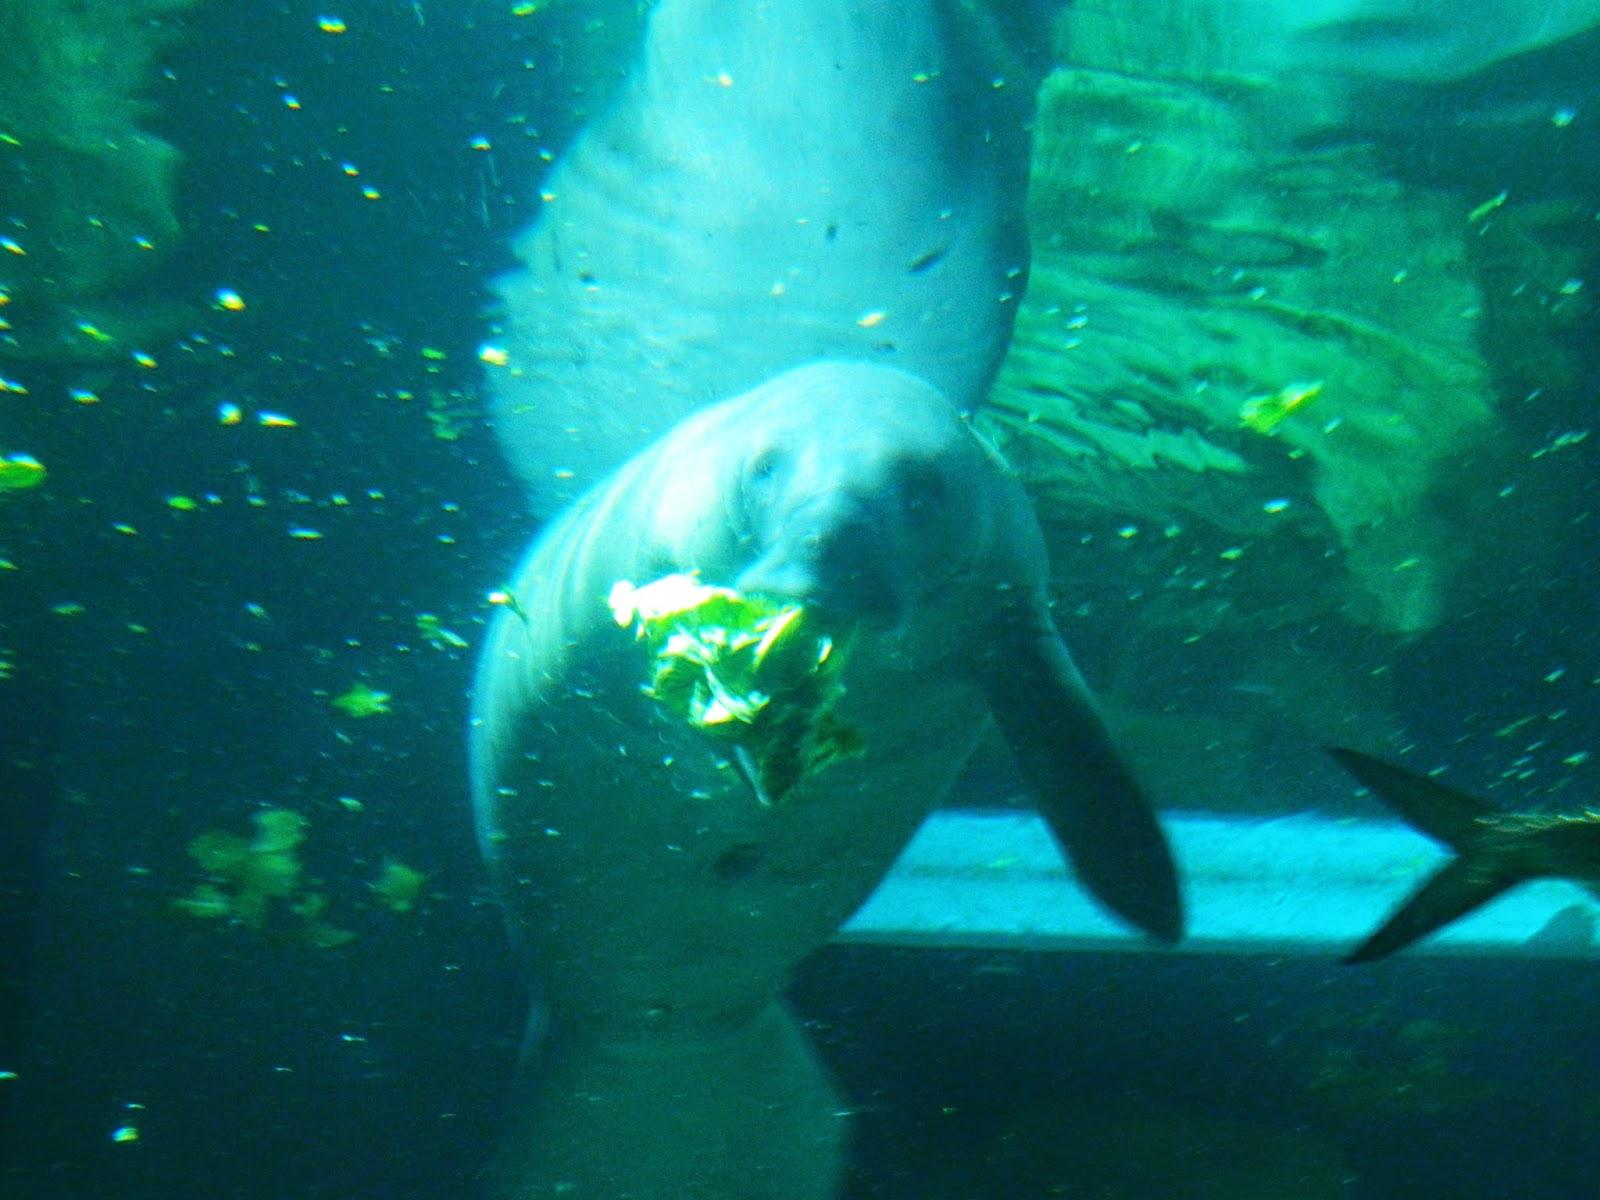 nemo aquarium disney world manatee